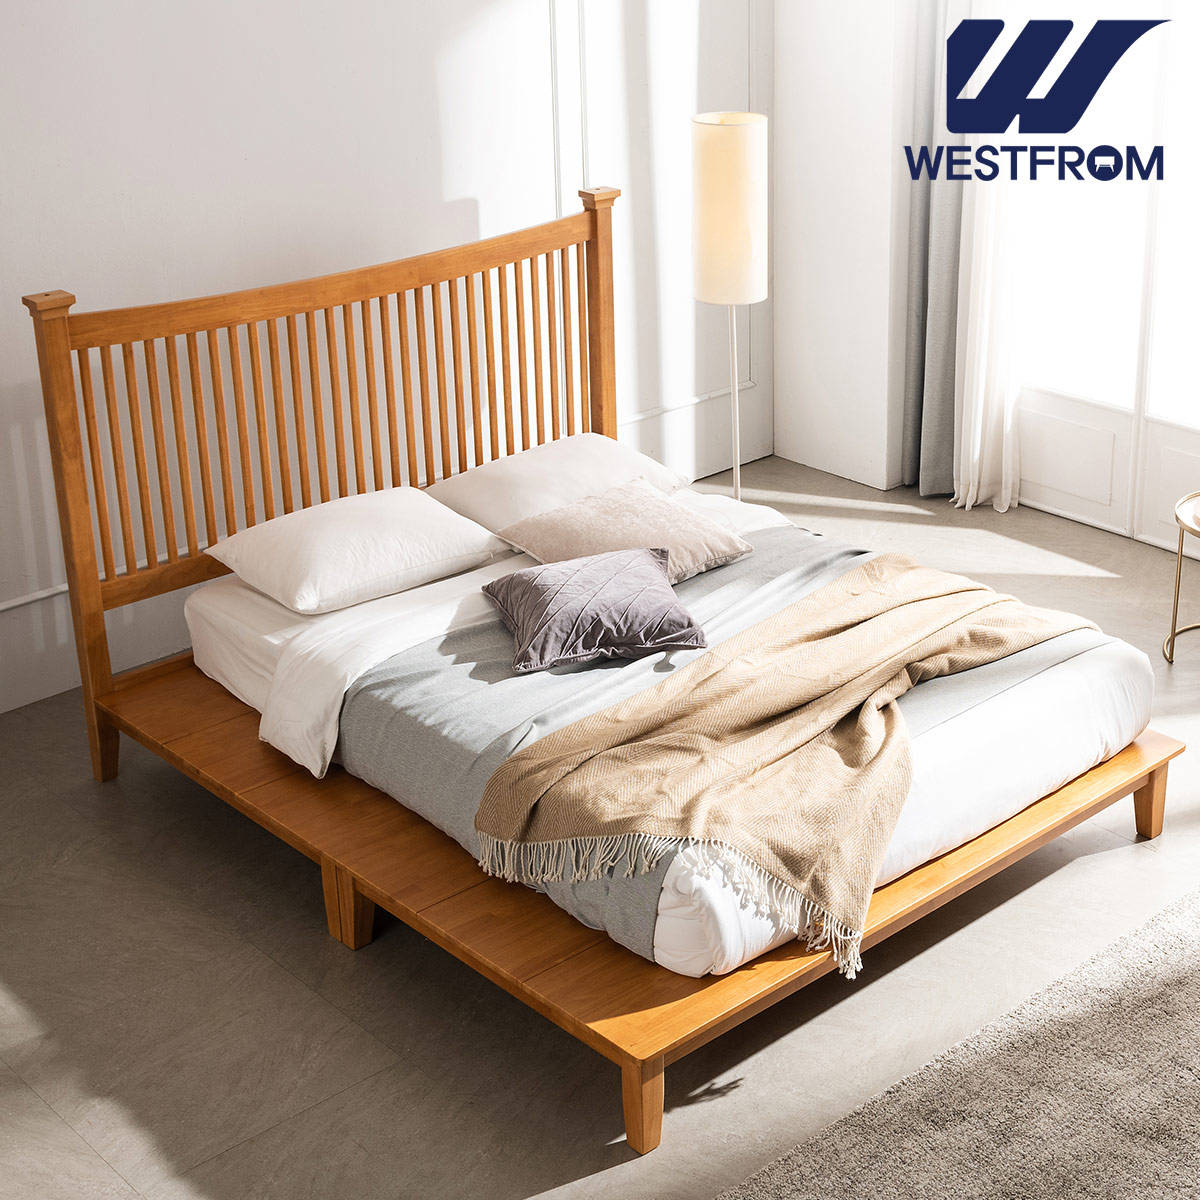 [웨스트프롬] 모던 마가렛) 고무나무원목 평상형 침대(라지K) / F11 QUEEN 매트리스